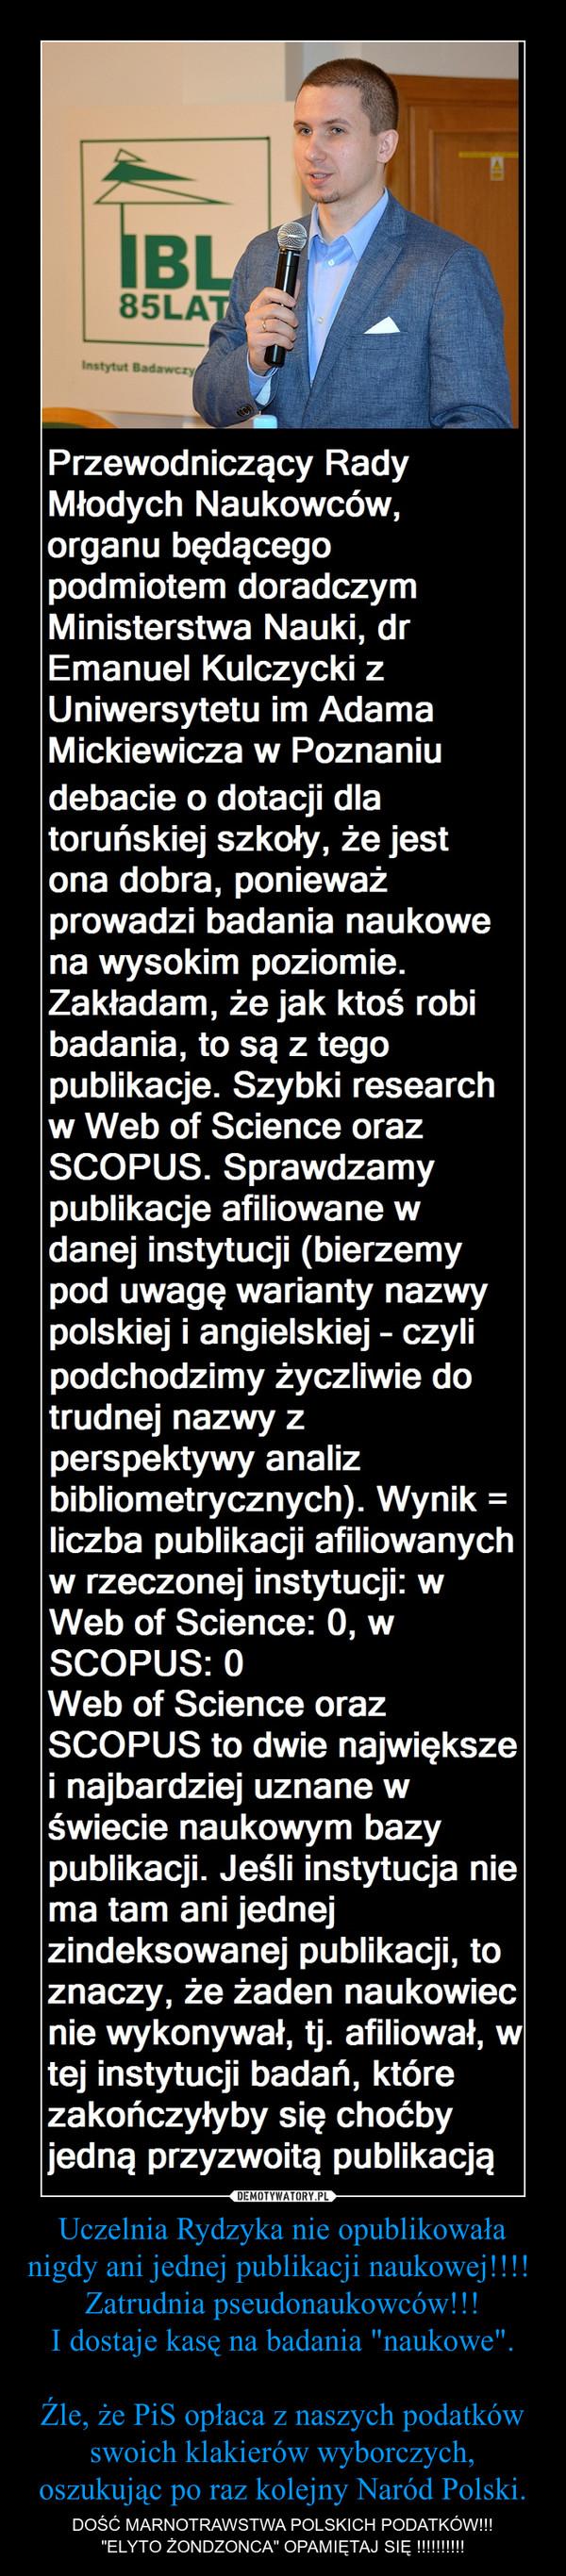 """Uczelnia Rydzyka nie opublikowała nigdy ani jednej publikacji naukowej!!!! Zatrudnia pseudonaukowców!!!I dostaje kasę na badania """"naukowe"""".Źle, że PiS opłaca z naszych podatków swoich klakierów wyborczych, oszukując po raz kolejny Naród Pols – DOŚĆ MARNOTRAWSTWA POLSKICH PODATKÓW!!!""""ELYTO ŻONDZONCA"""" OPAMIĘTAJ SIĘ !!!!!!!!!!"""